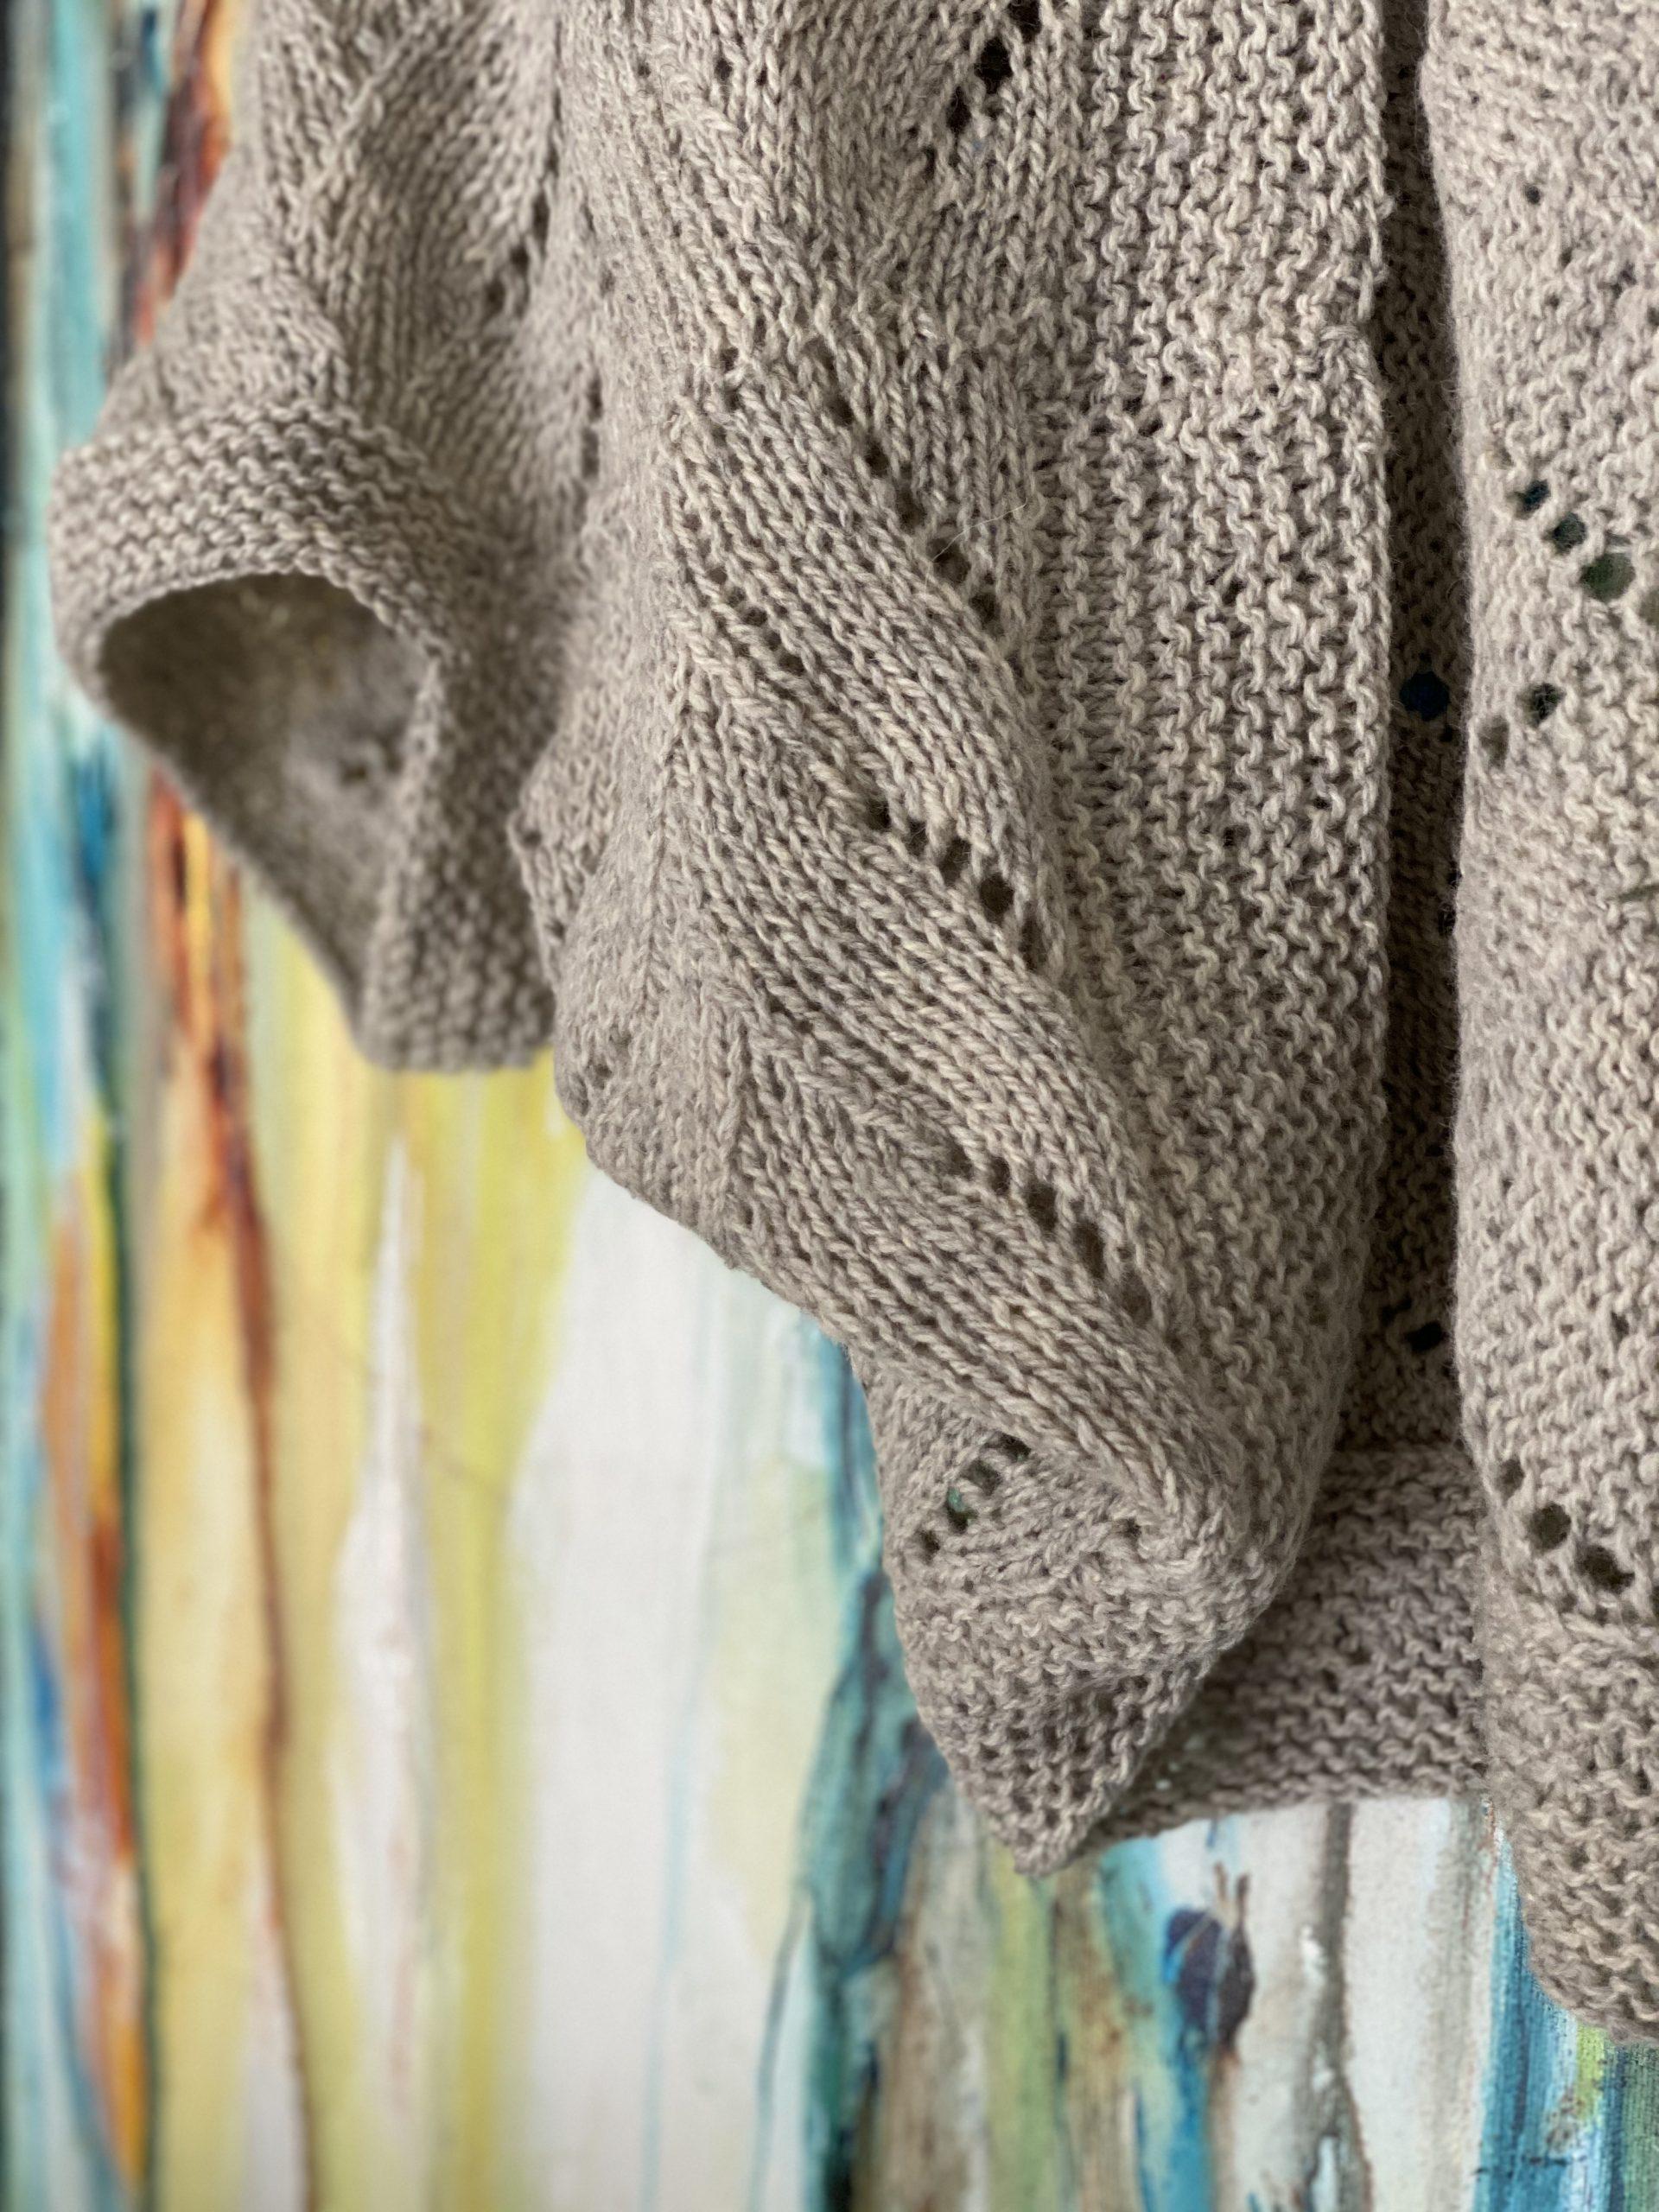 Iris er strikket færdig, monteret, blokket og klar til brug lige i tide til det efterår, der for alvor synes at have landet omkring Tjørnevang denne morgen.